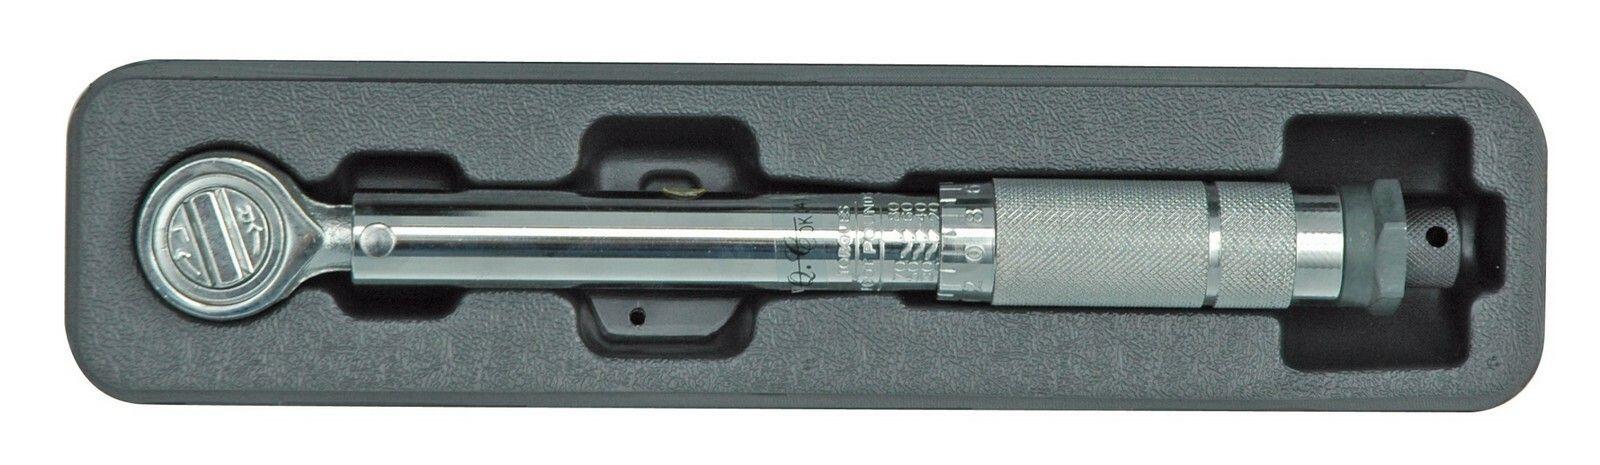 """Klíč momentový 3/8"""" 270 mm TOYA"""